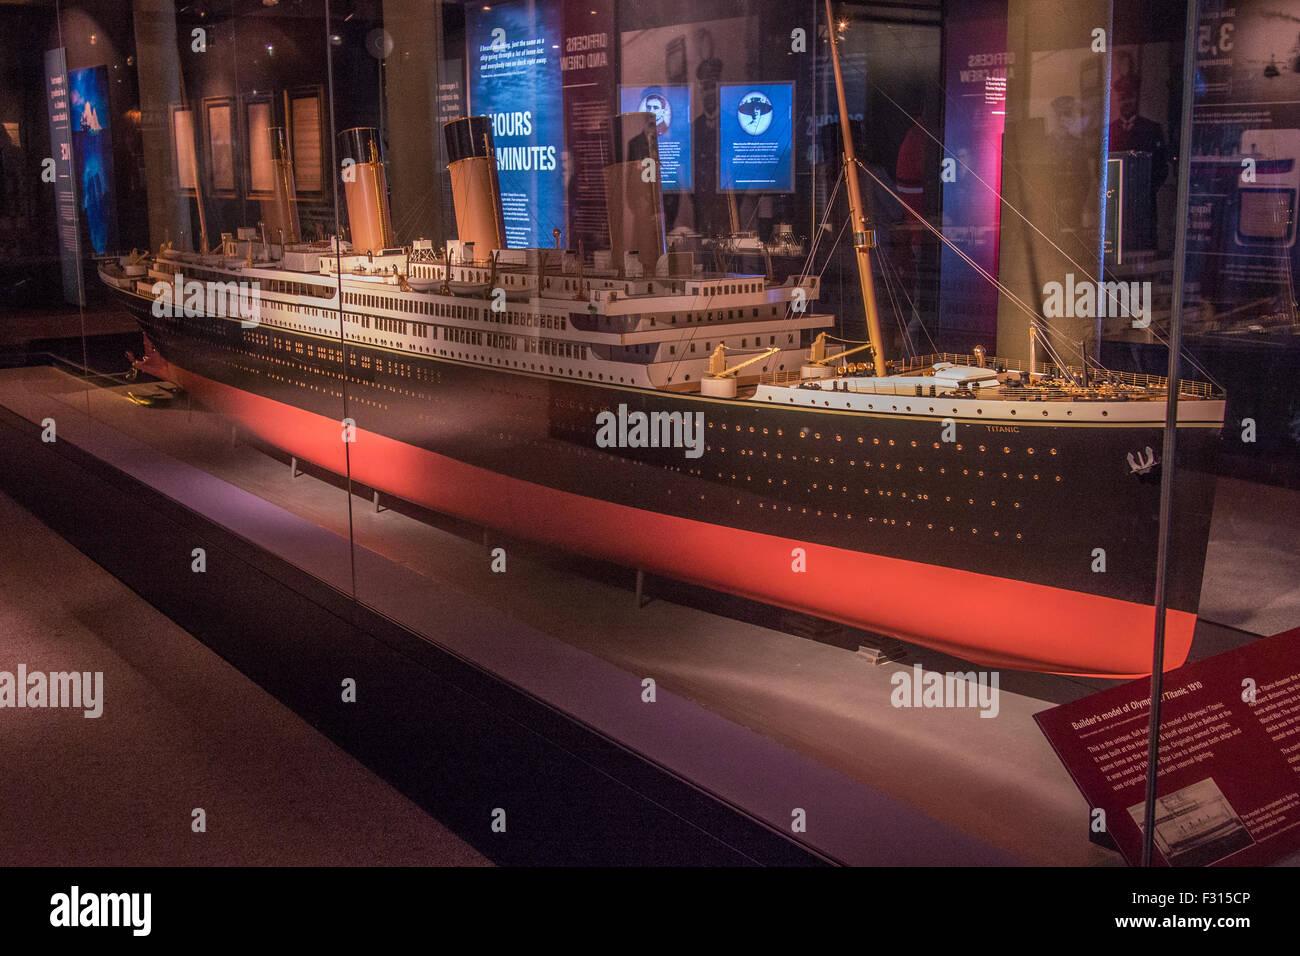 Modelo Similar Al Titanic En El Museo Marítimo De Merseyside Liverpool Merseyside Inglaterra Fotografía De Stock Alamy